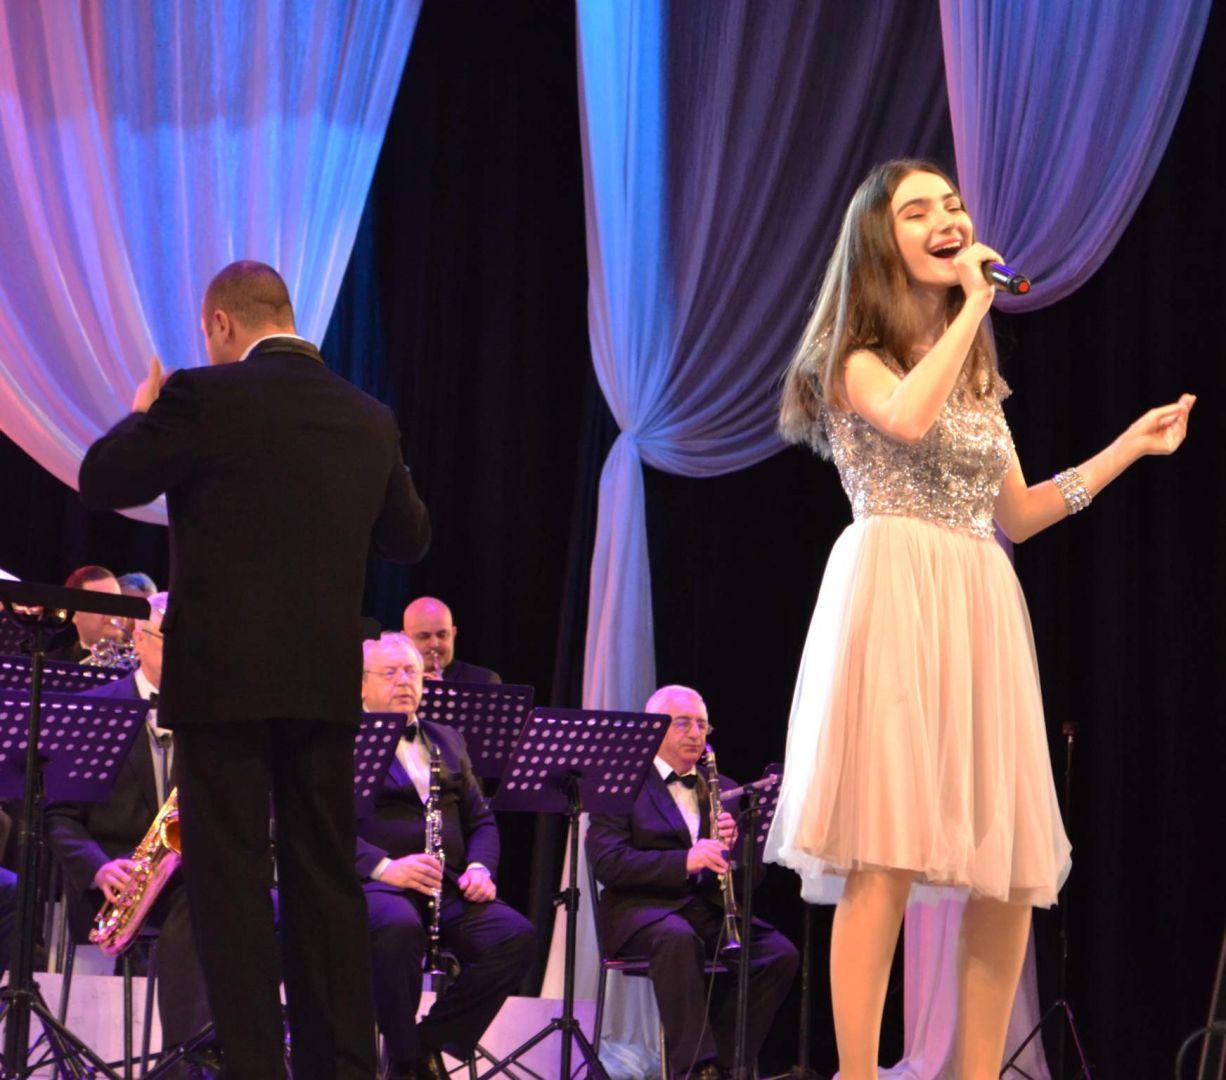 В Ставрополе прошёл концерт «Музыкальный калейдоскоп»